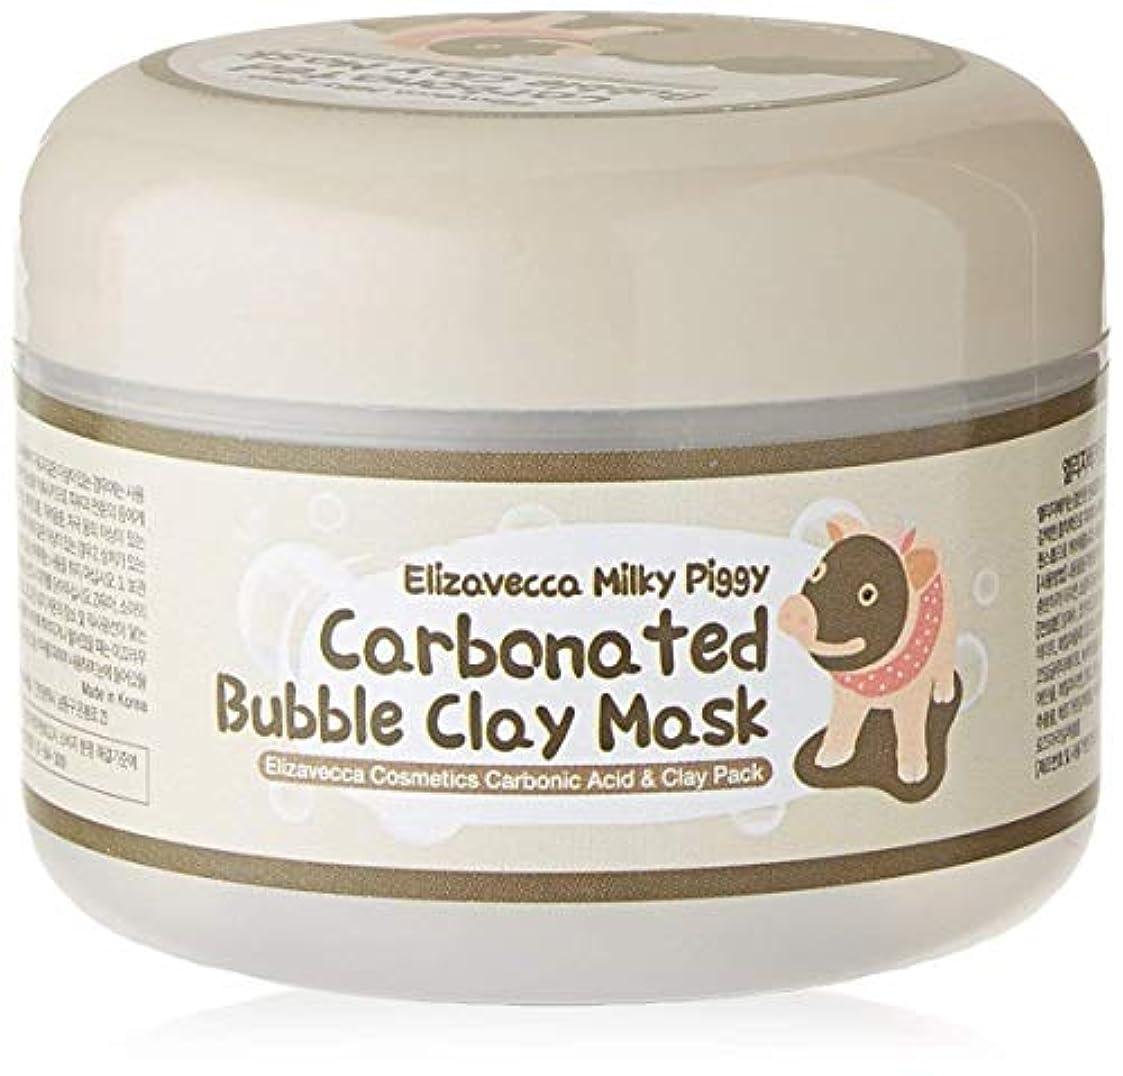 スパン用語集保守的Elizavecca Milky Piggy Carbonated Bubble Clay Mask 100g